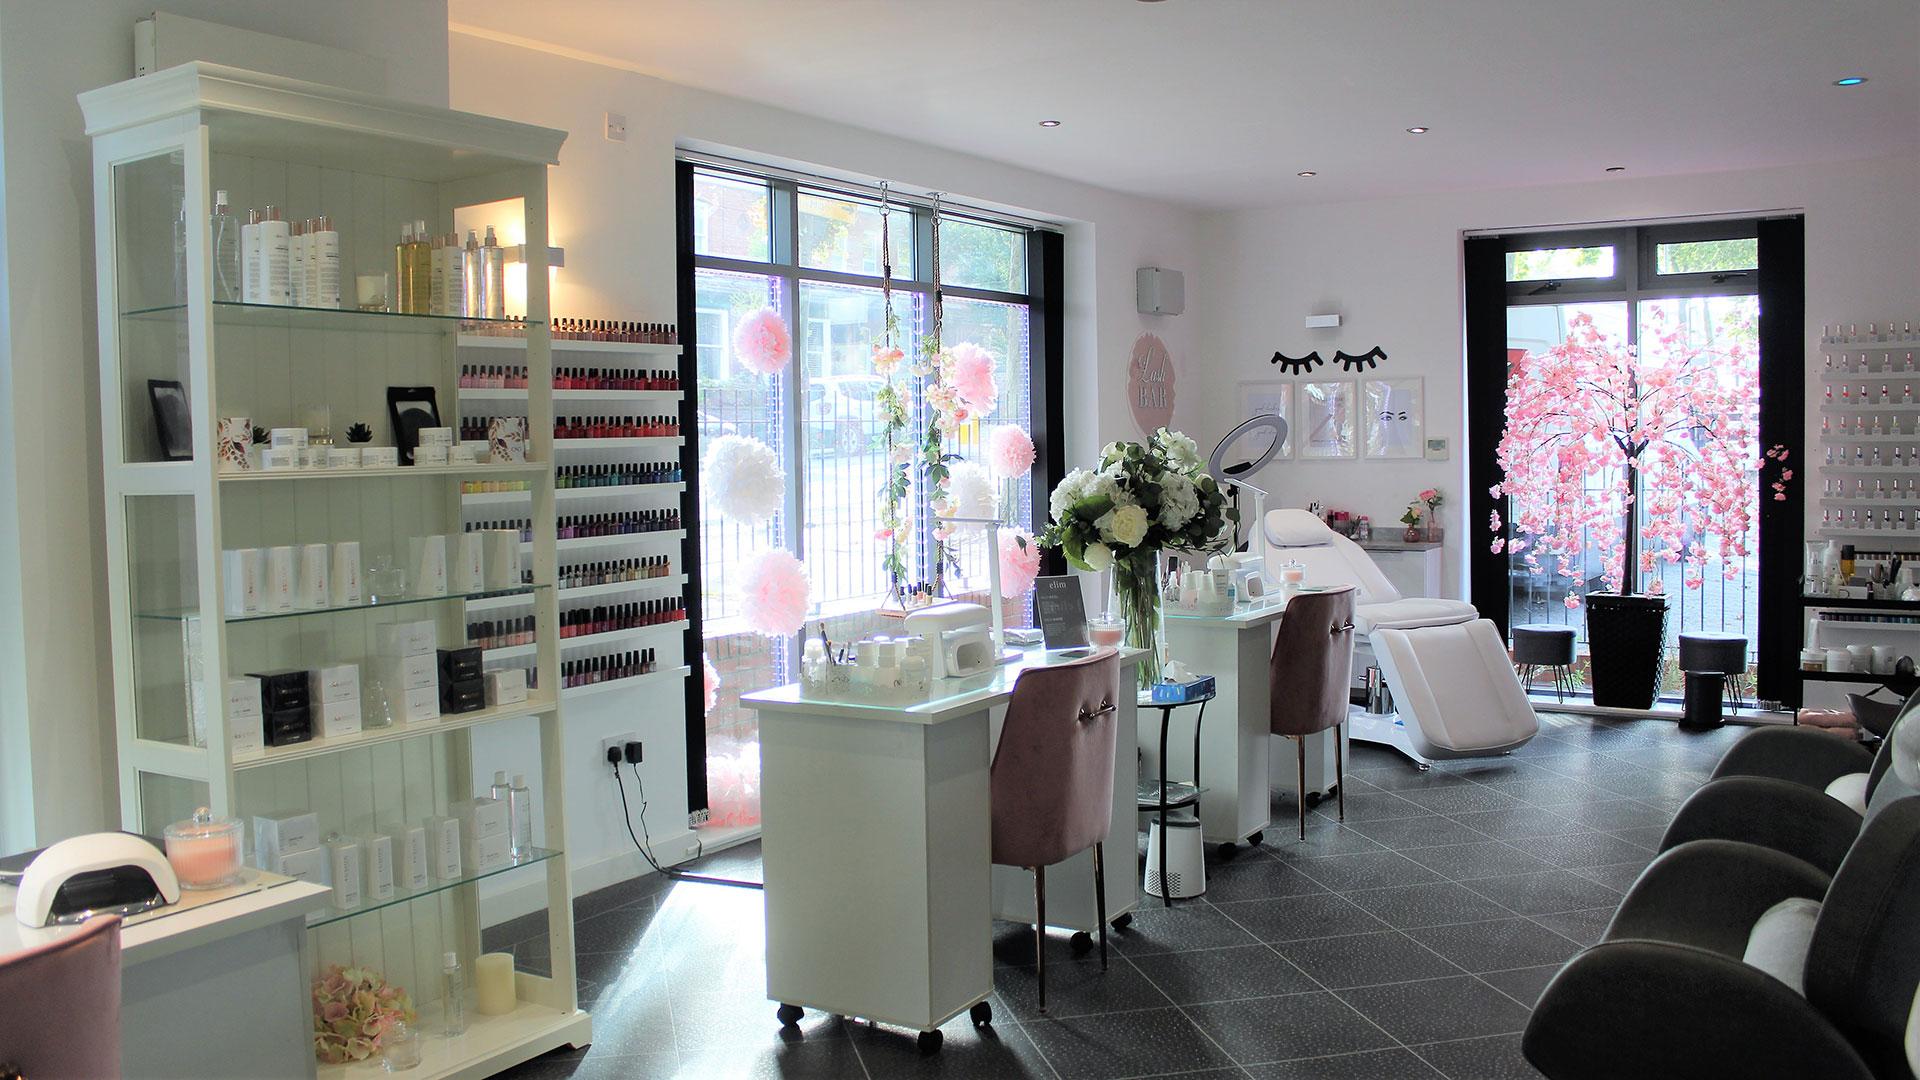 Eastwood Retreat Hair & Beauty Salon in Eastwood